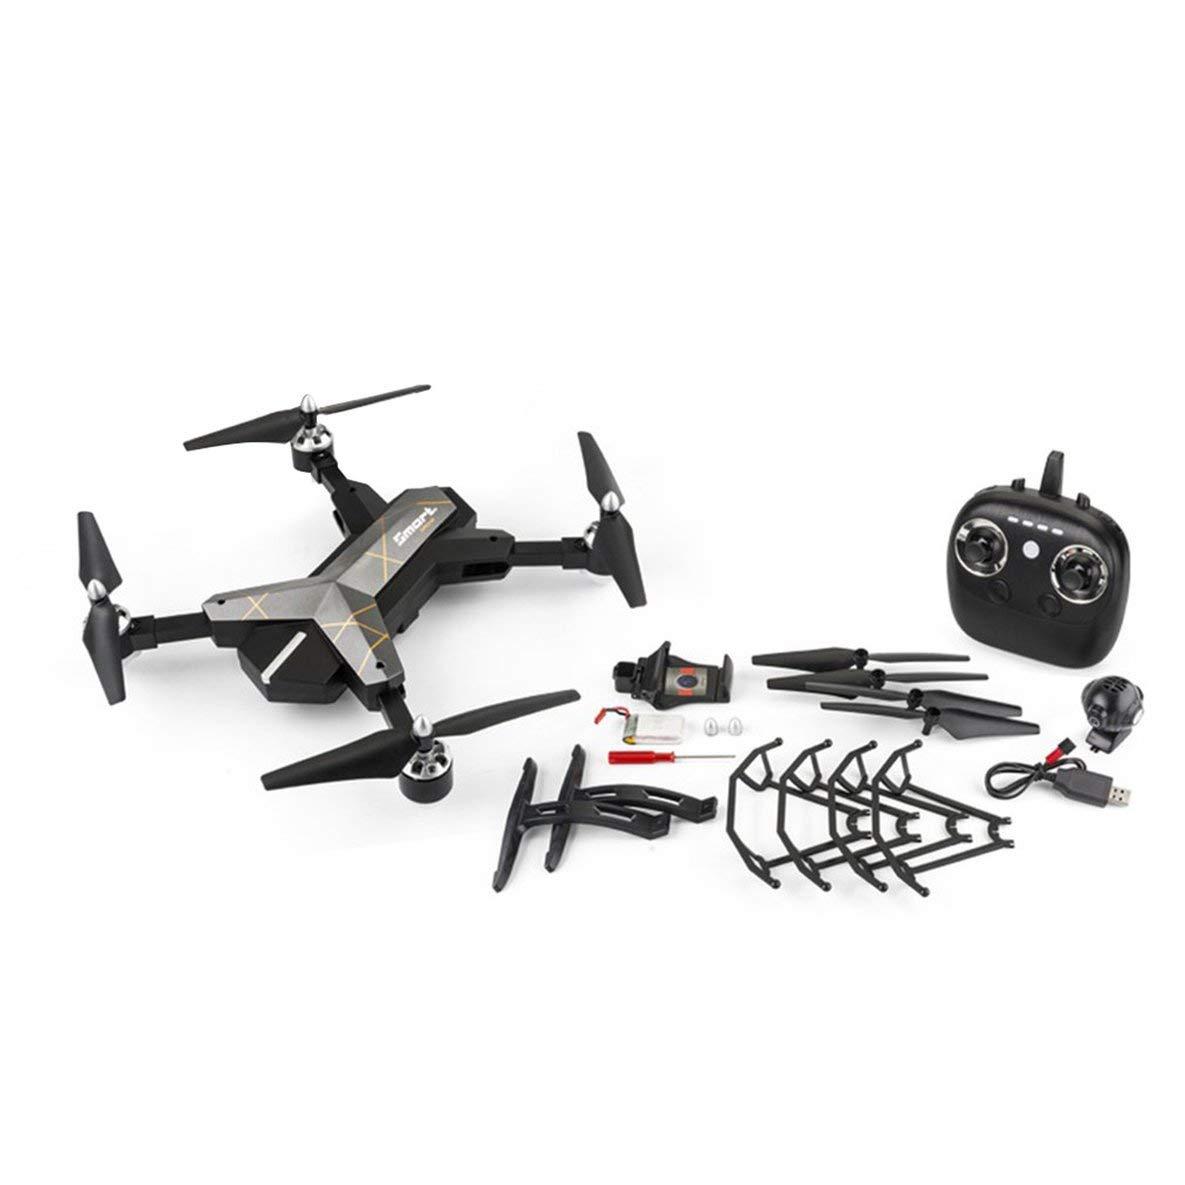 Moliies X38-1 720P Transmisión WiFi deformada en Tiempo Real FPV con Modo sin Cabeza Control de altitud RC Quadcopter RC